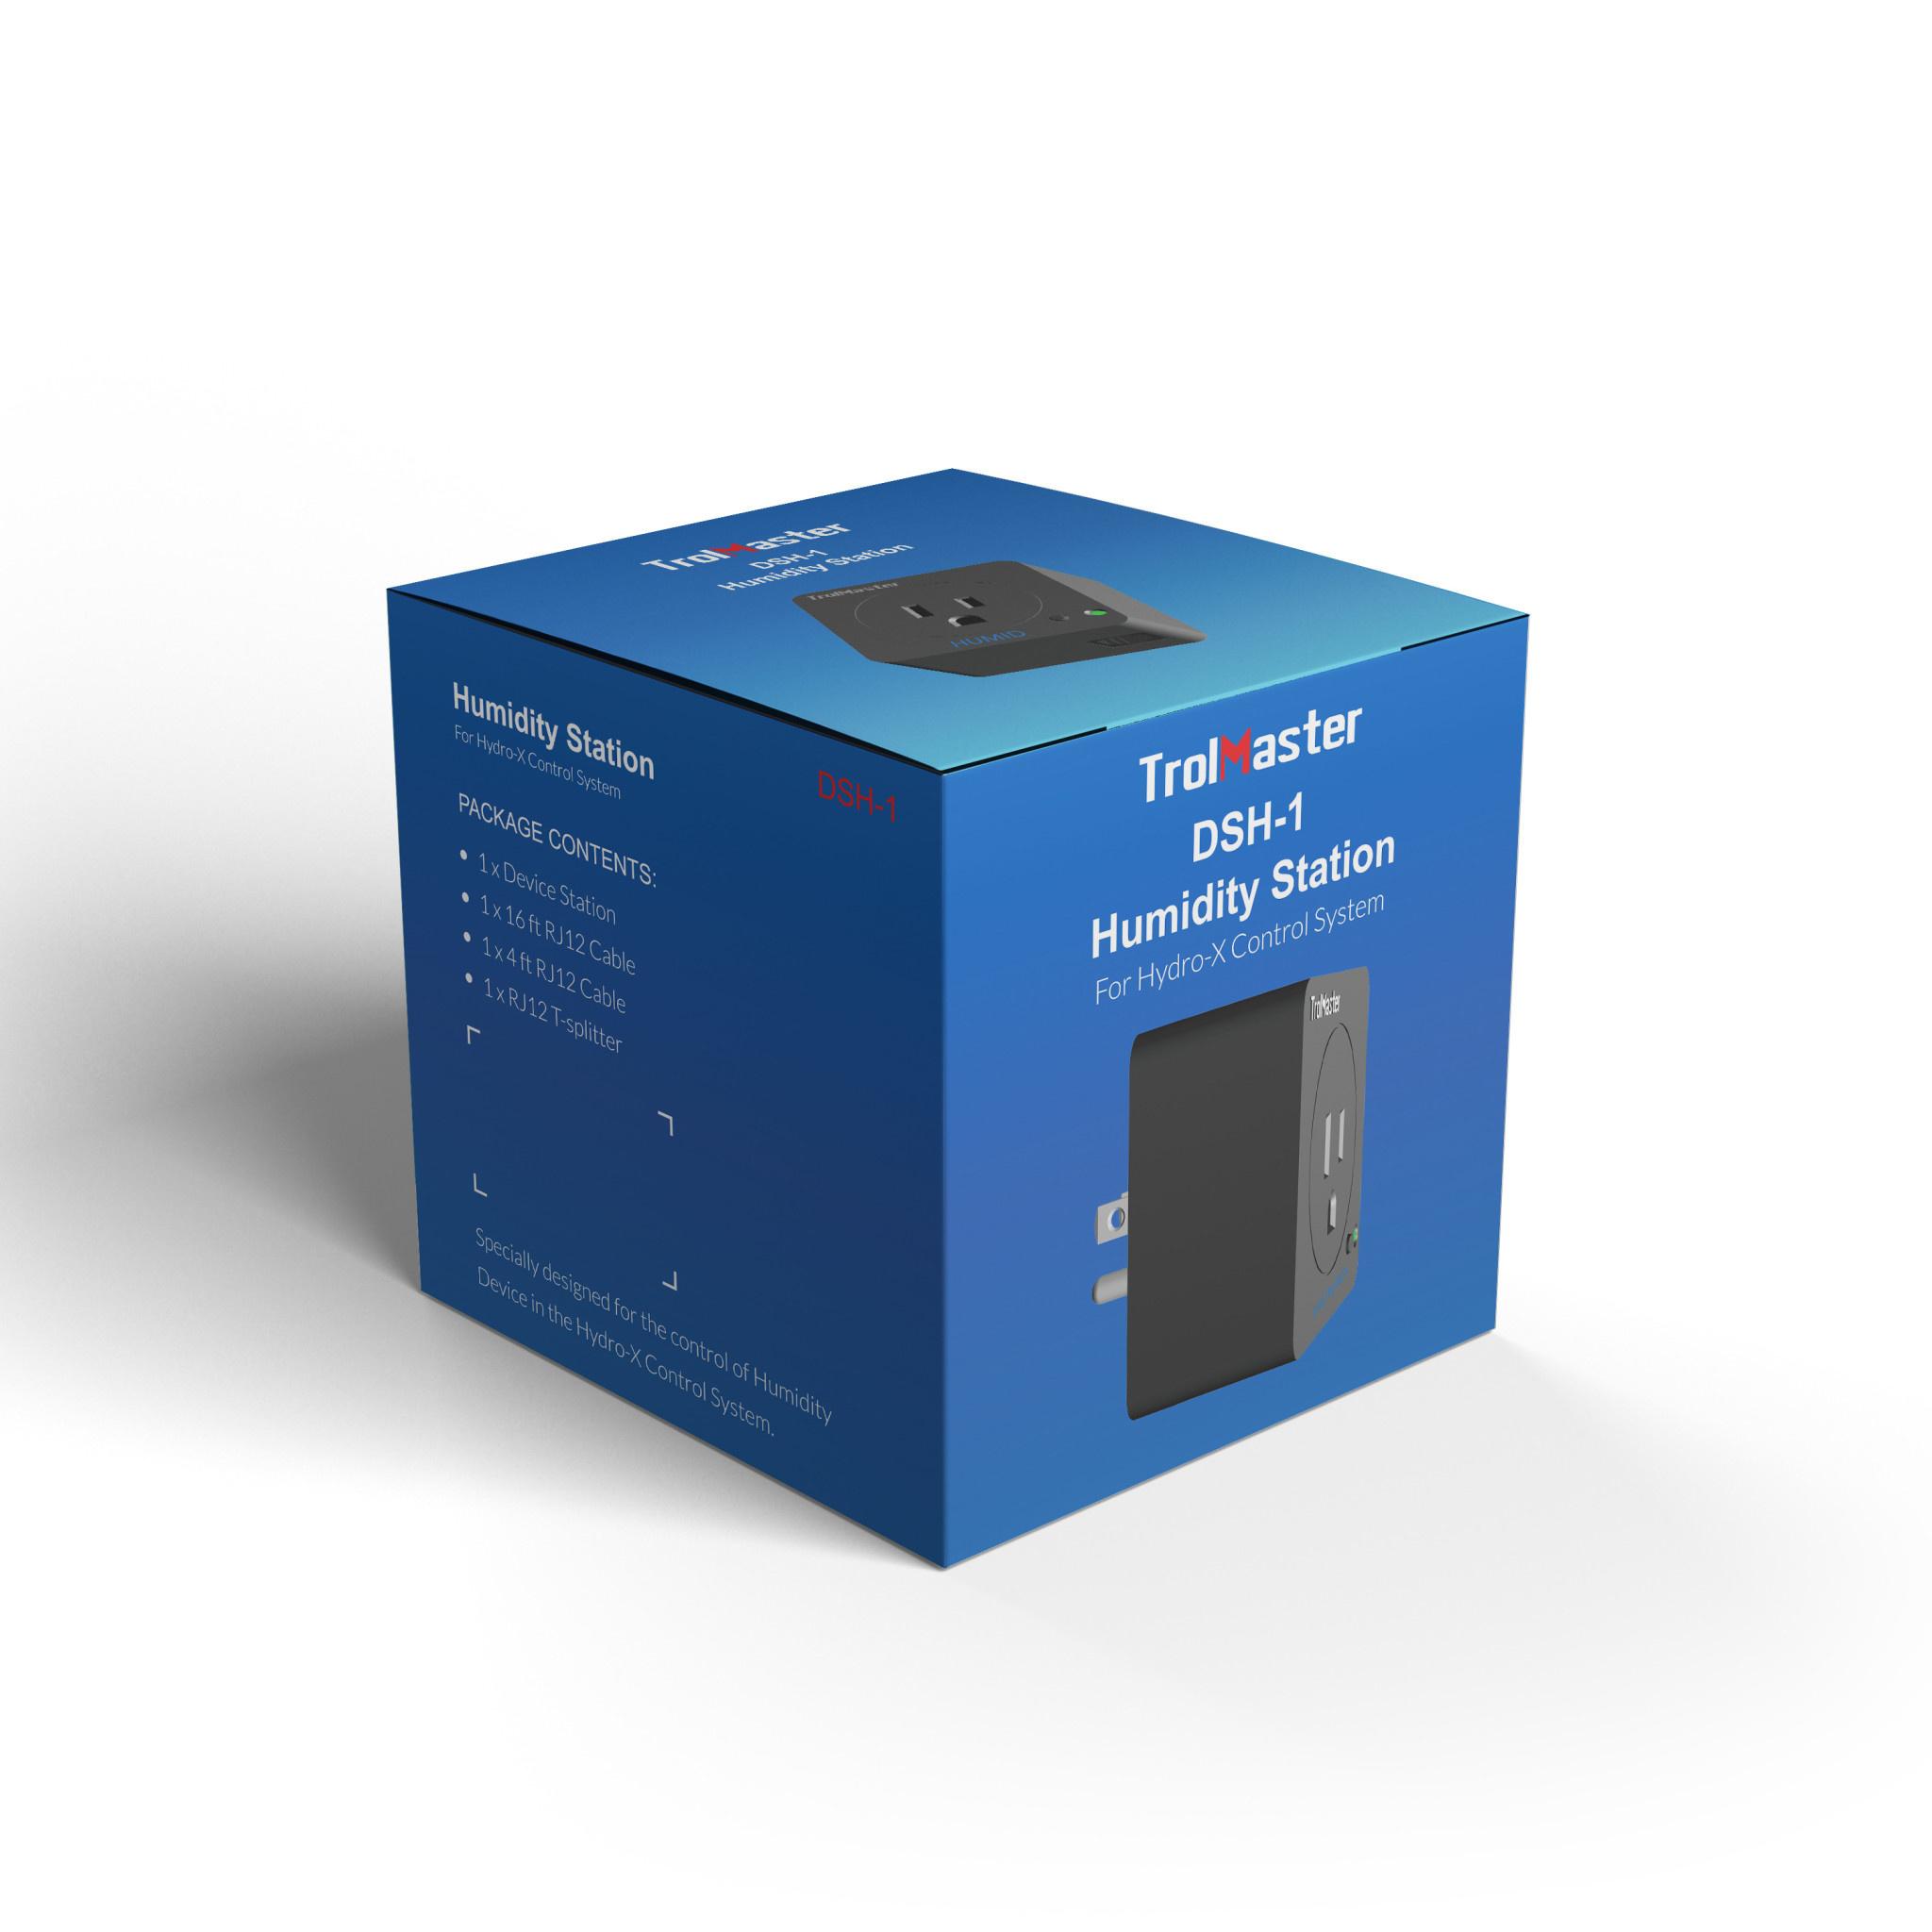 TrolMaster TrolMaster - Humidity Device Station 120v (DSH-1)